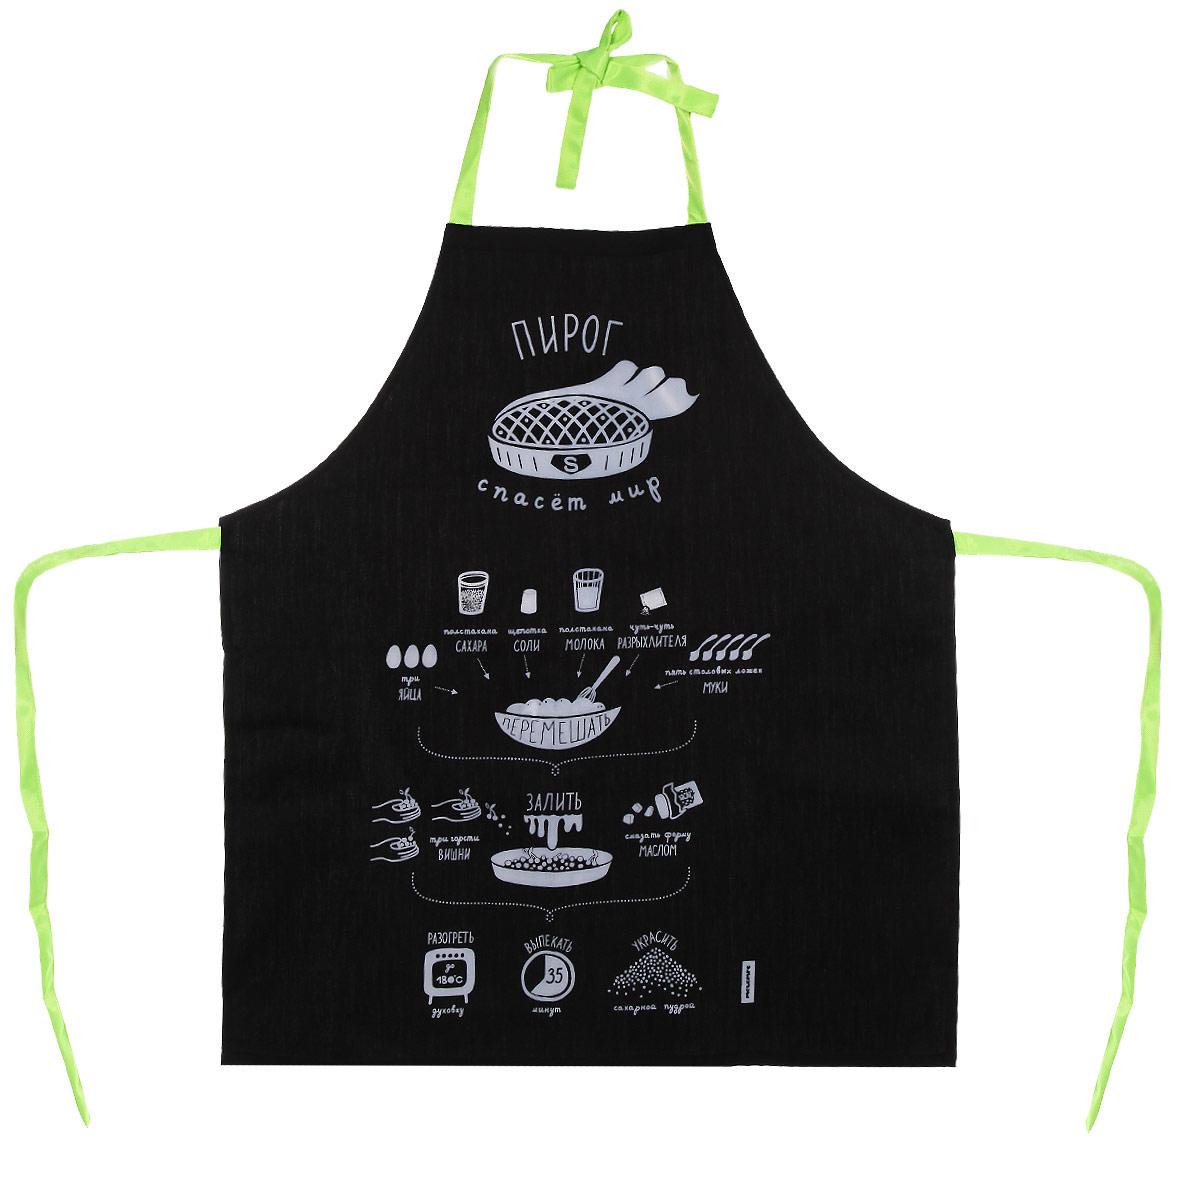 Фартук Melompo Пирог, 76 х 68 смVT-1520(SR)Фартук Melompo Пирог поможет вам избежать попадания еды на вашу одежду во время приготовления какого-либо блюда. Выполнен из хлопка и полиэстера. На фартуке имеются удобная лямка и завязки.На фартук нанесен рецепт простого и вкусного вишневого пирога.Крой универсальный, подходит кулинарам обоих полов и разных комплекций.